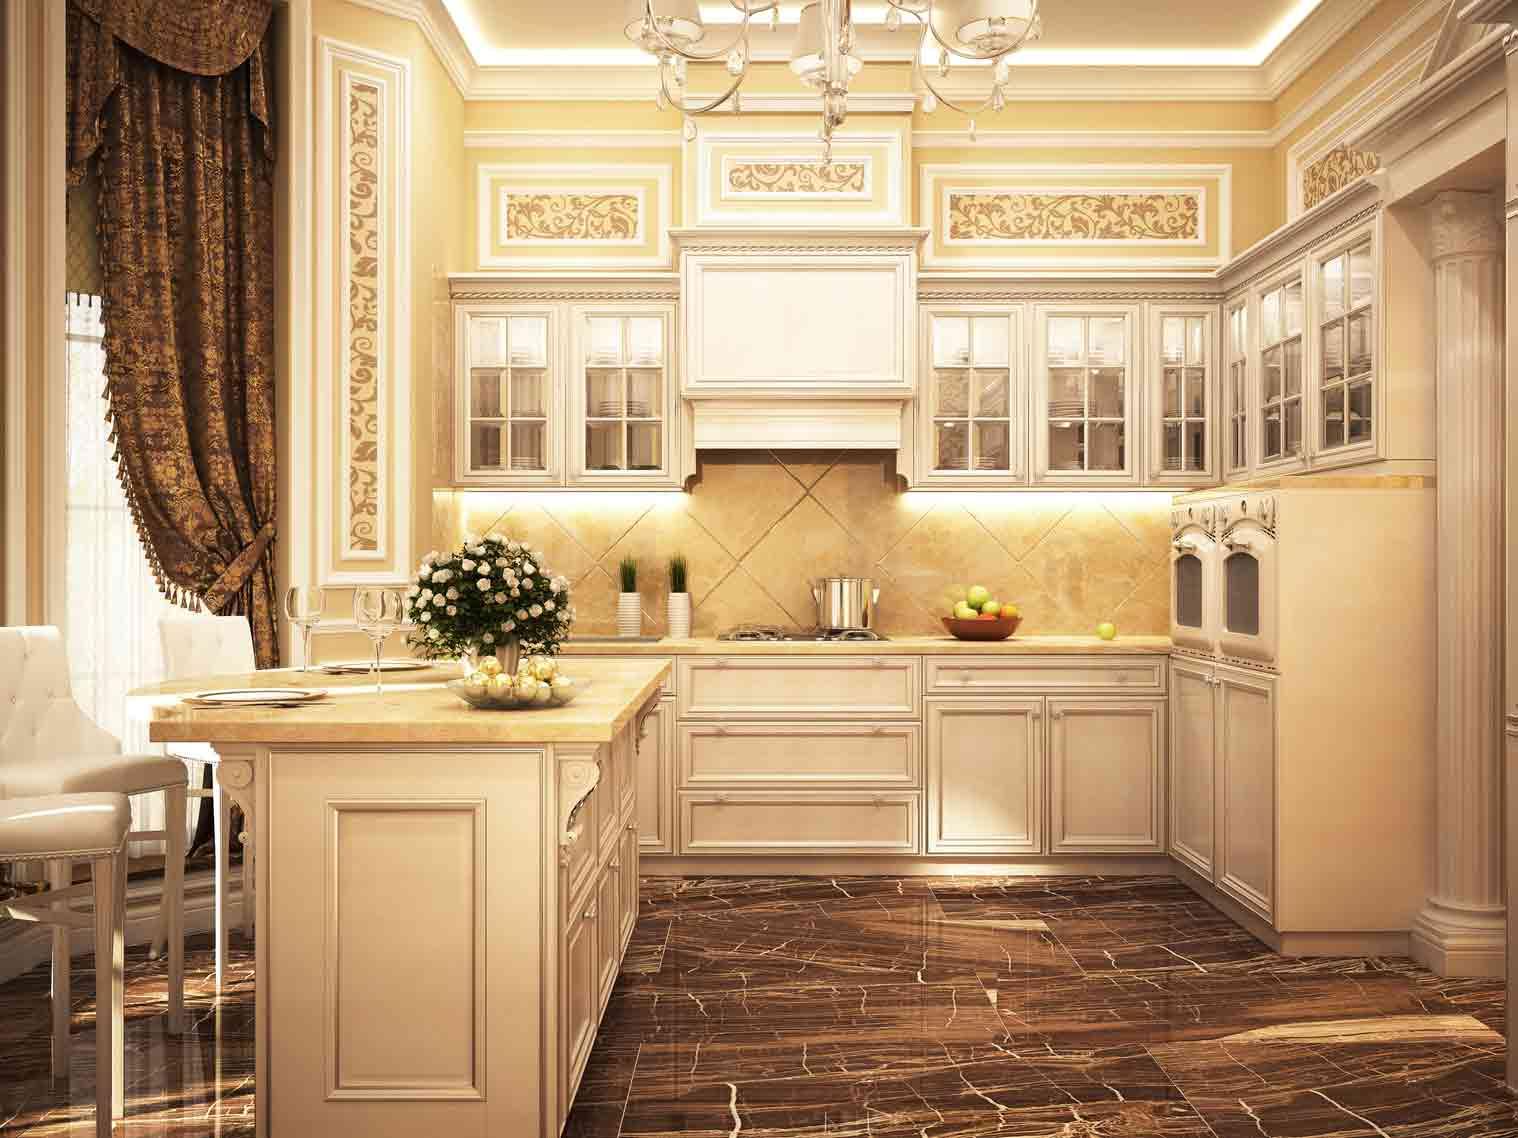 holbrookgranite custom kitchen countertops Custom Kitchen Backsplash